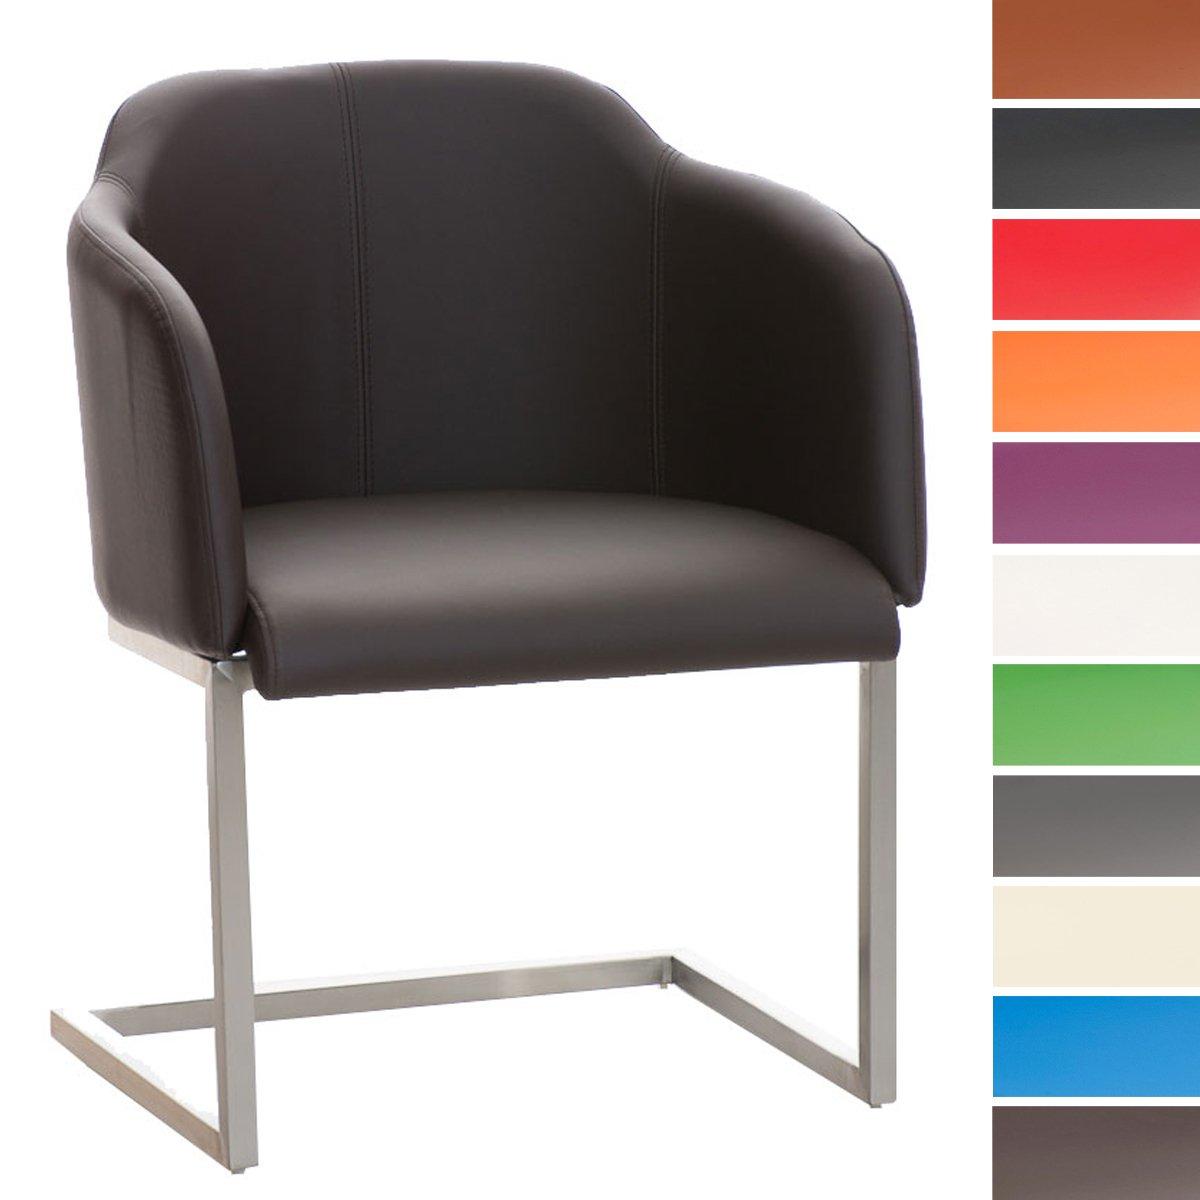 Orange CLP Chaise Salle /à Manger Magnus Design Similicuir Dossier et Accoudoirs I Pieds Oscillant en Acier Solide I Chaise de Reception I Couleur